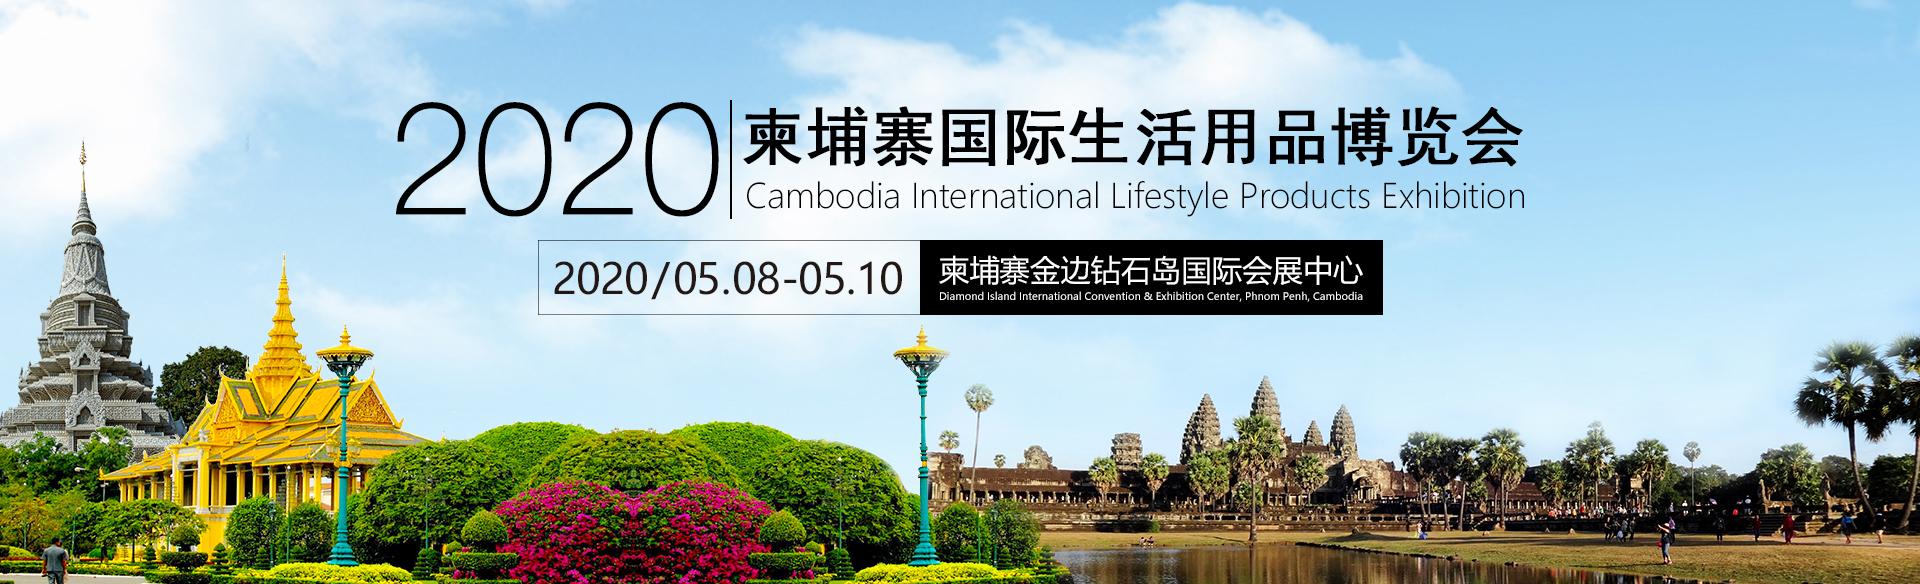 2020走进柬埔寨——国际生活用品博览会正式启动